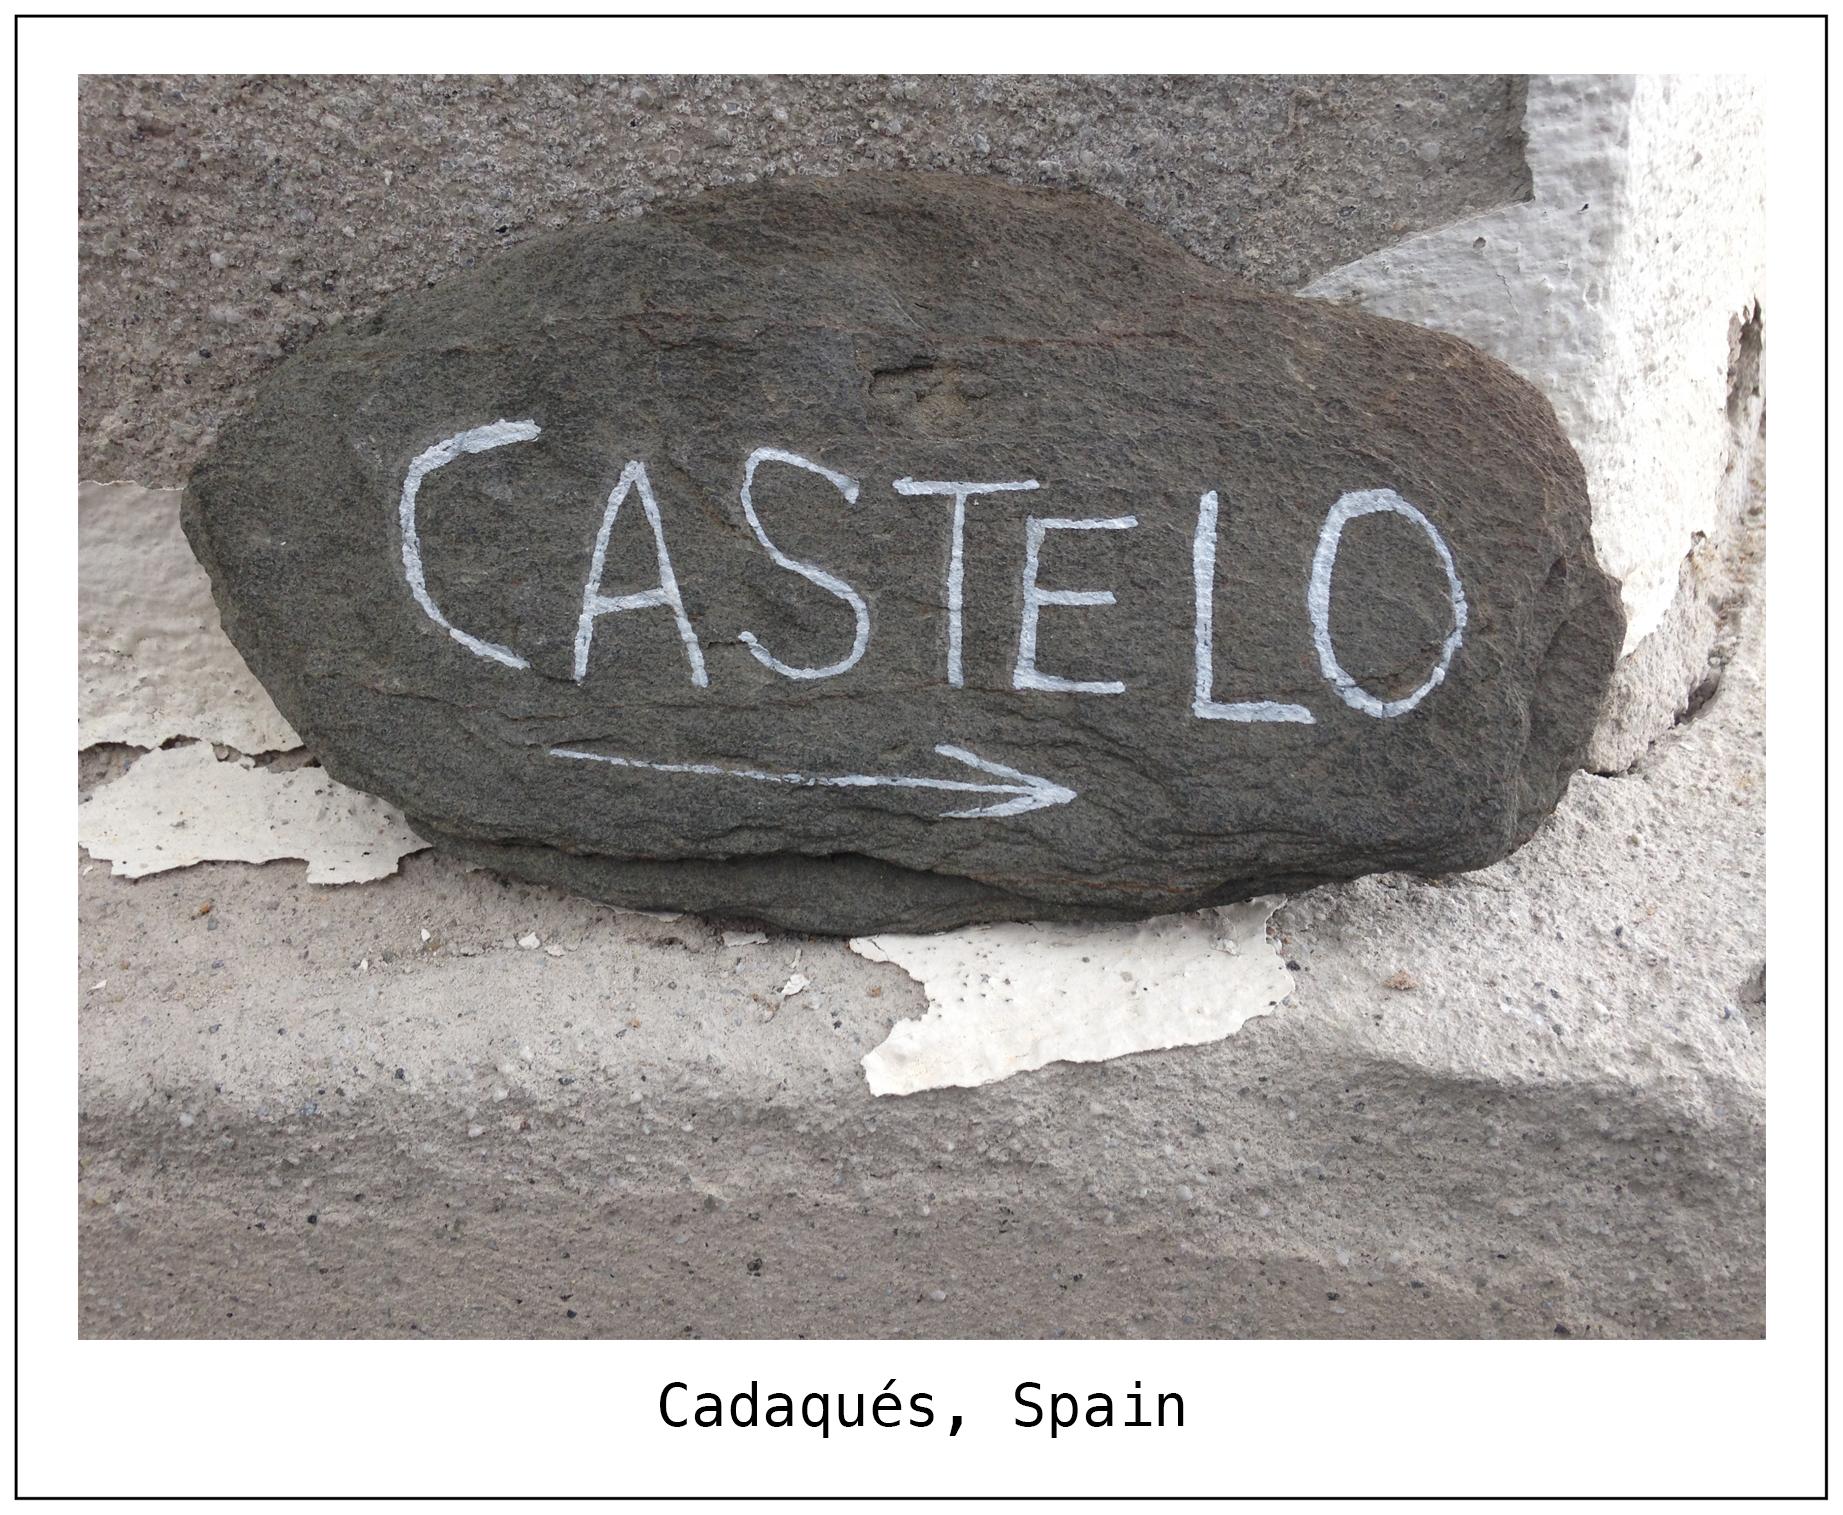 F Cadaques Spain 1.jpg